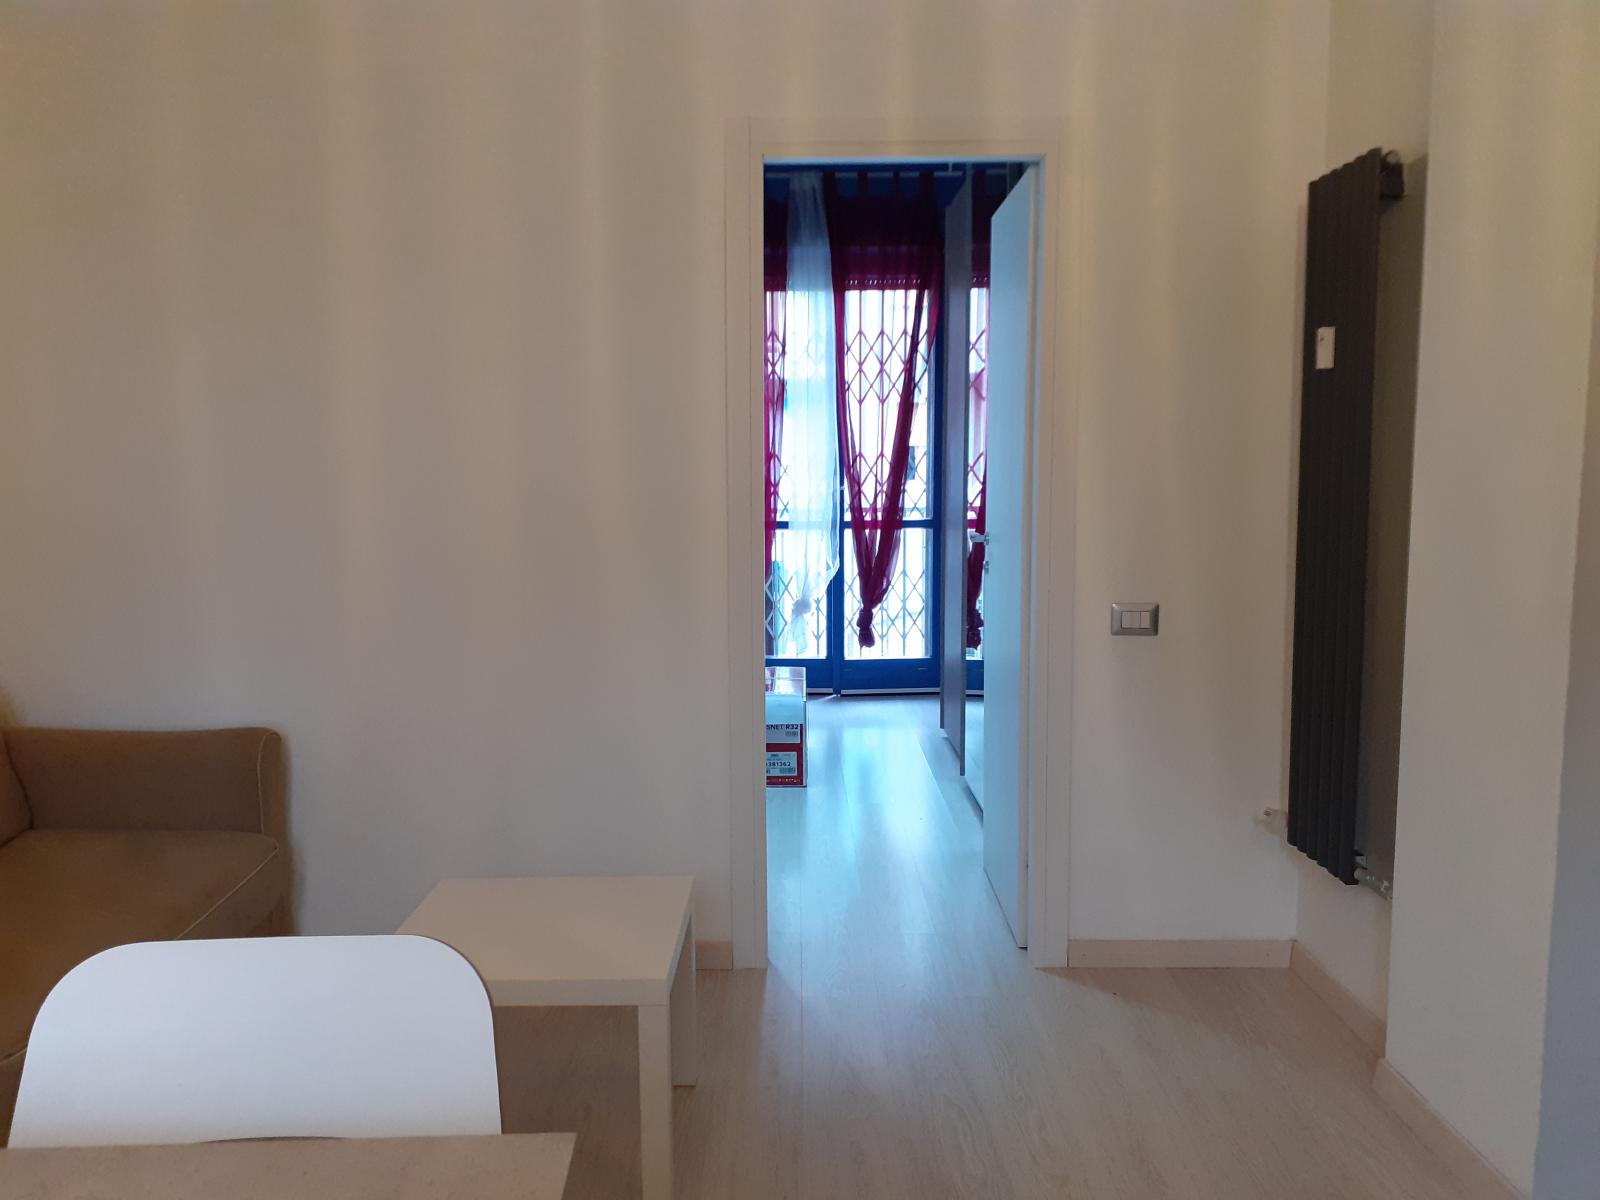 appartamento-in-vendita-milano-baggio-2-locali-open-space-spaziourbano-immobiliare-vende-10